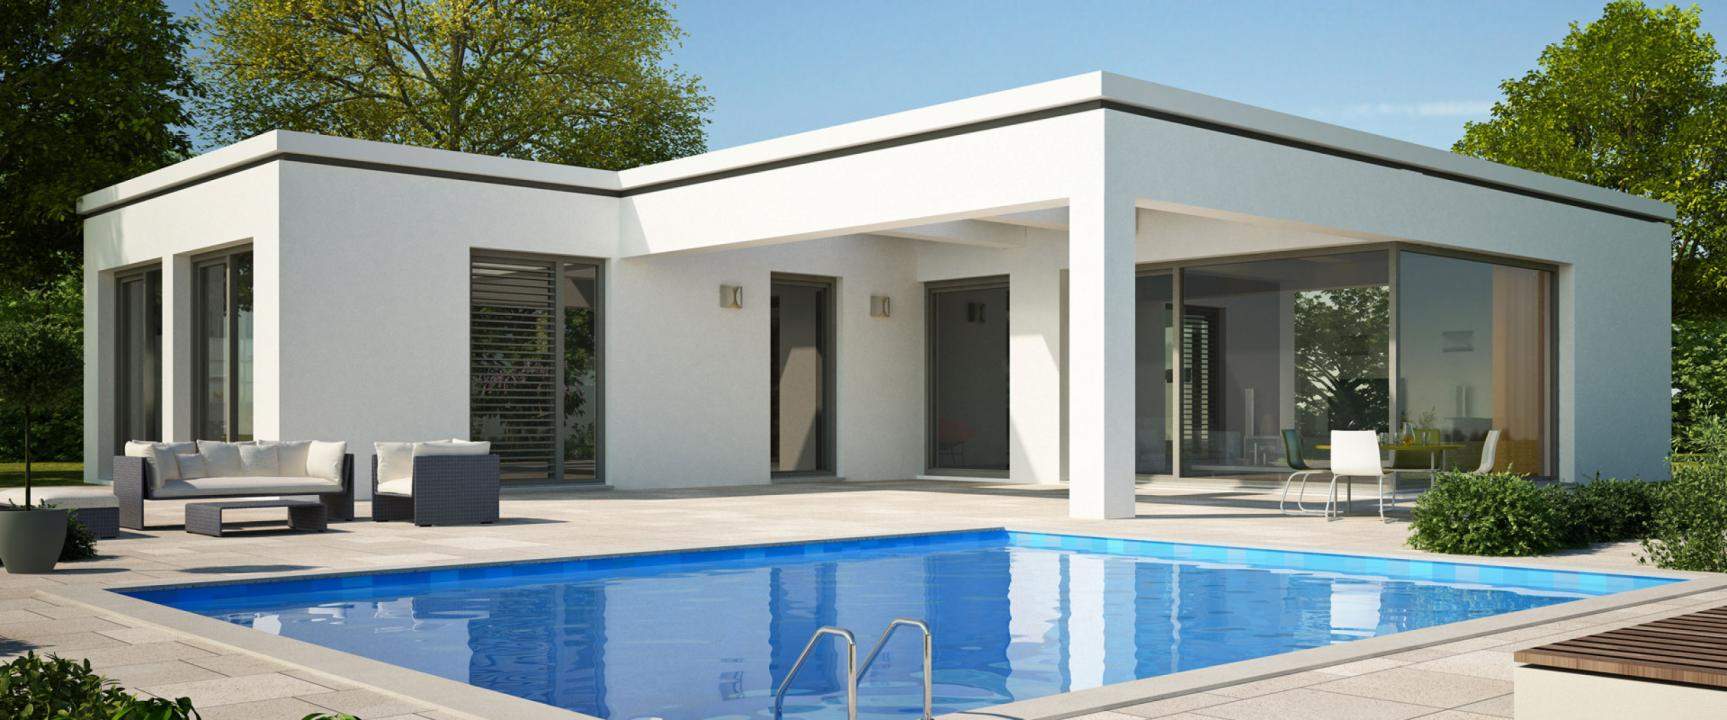 Acheter Une Maison De Plain Pied 221720582004 L 191320203405/ Gamme SOLENZARA